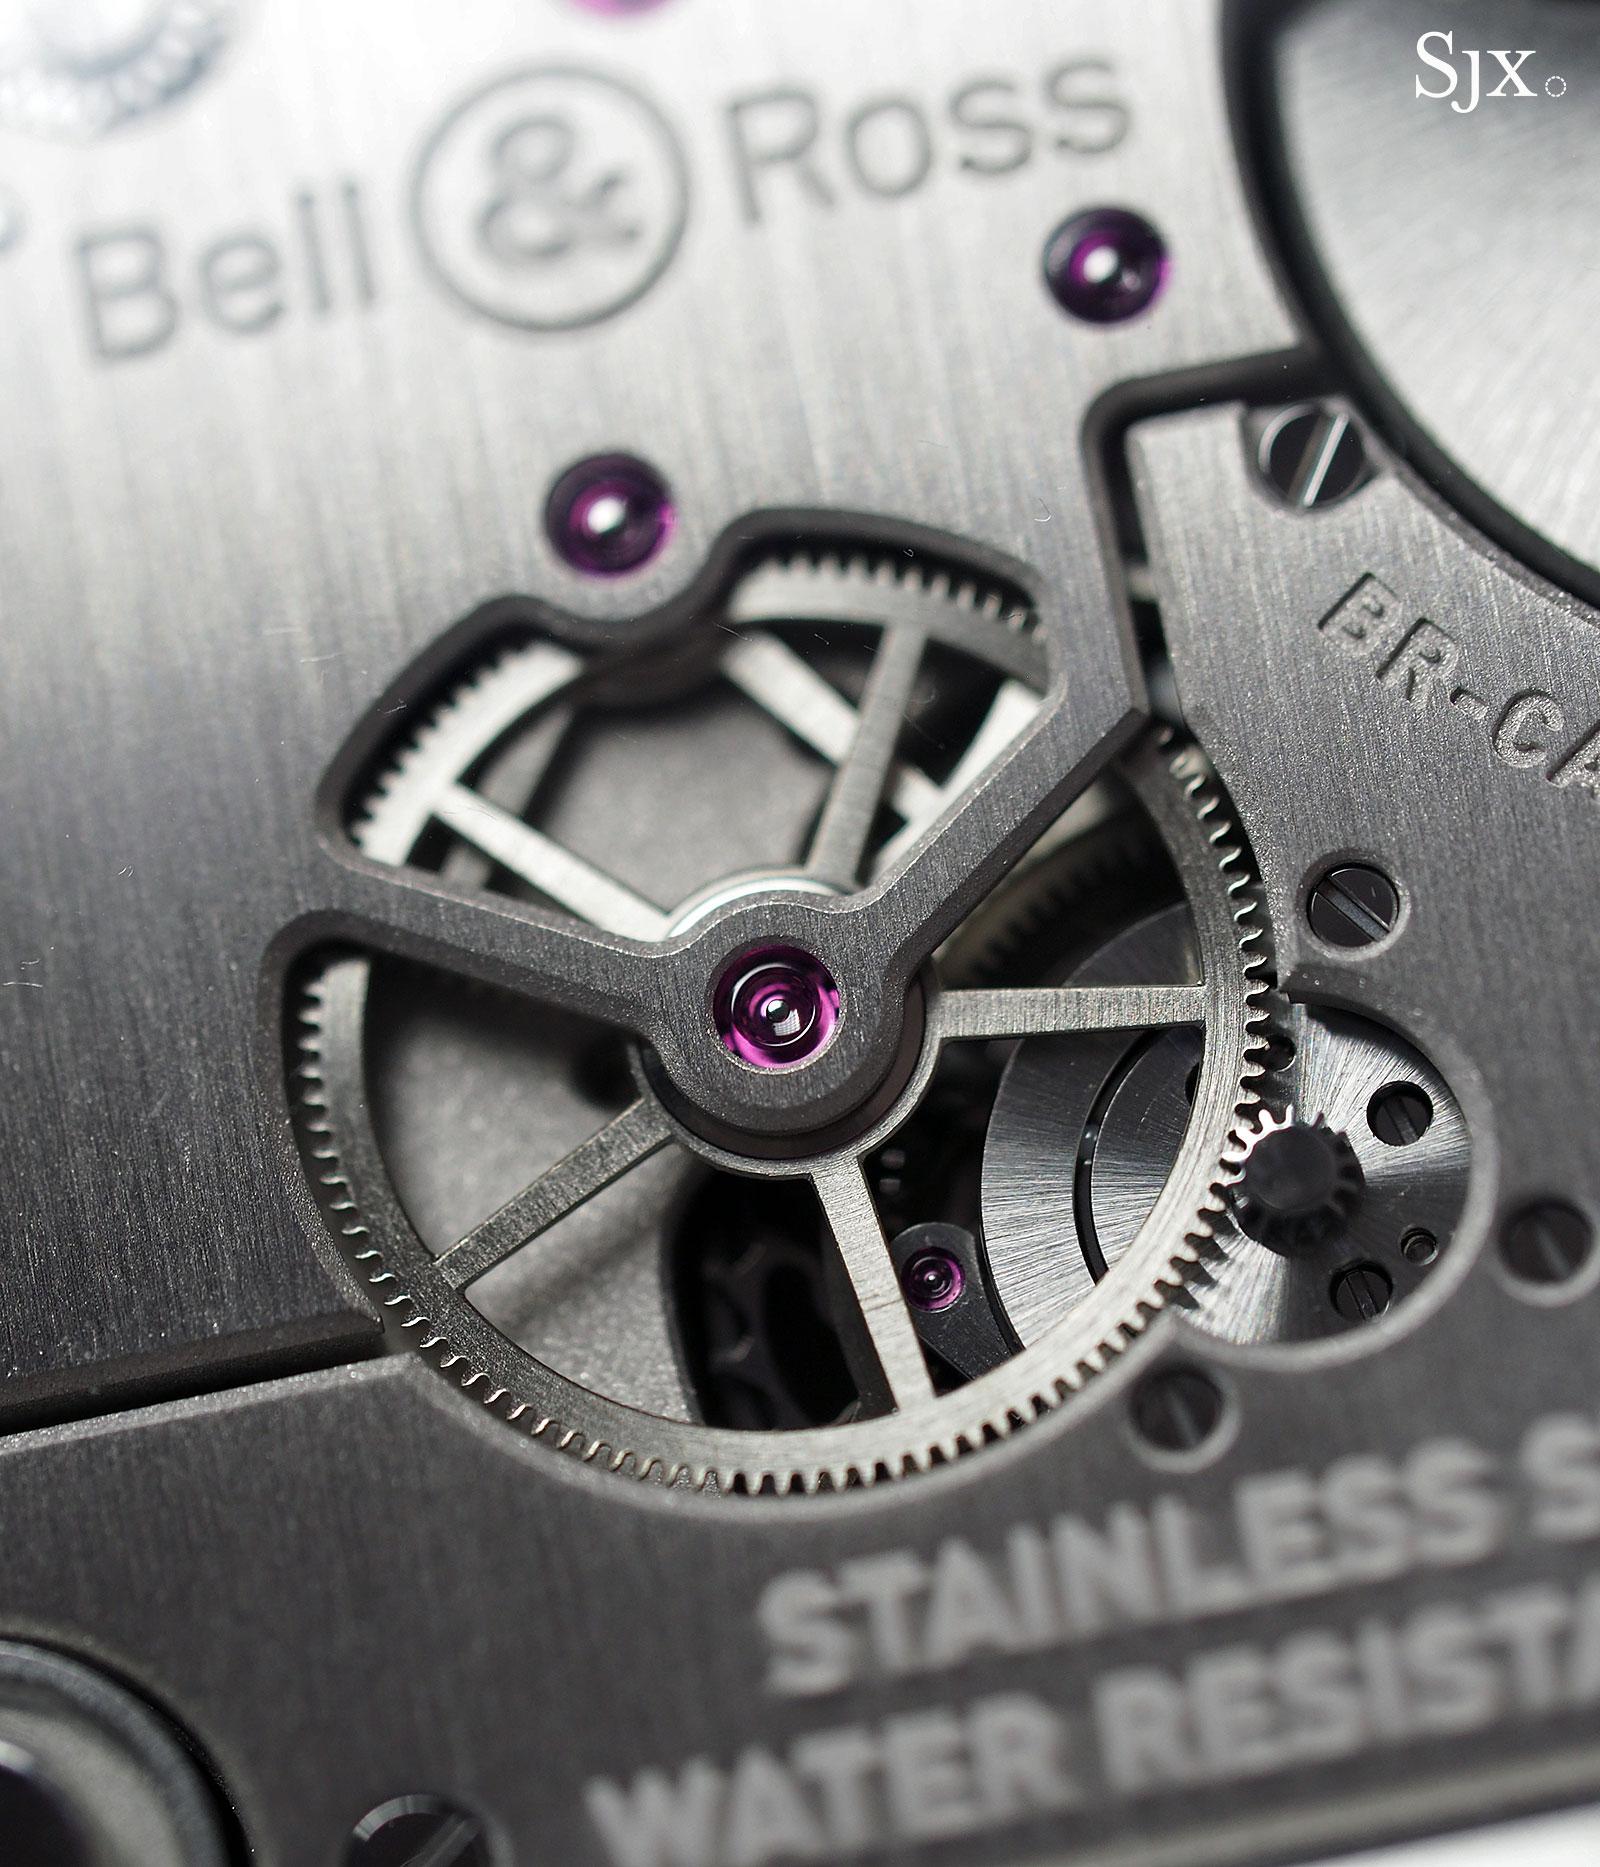 Bell & Ross BR-X2 Tourbillon 22